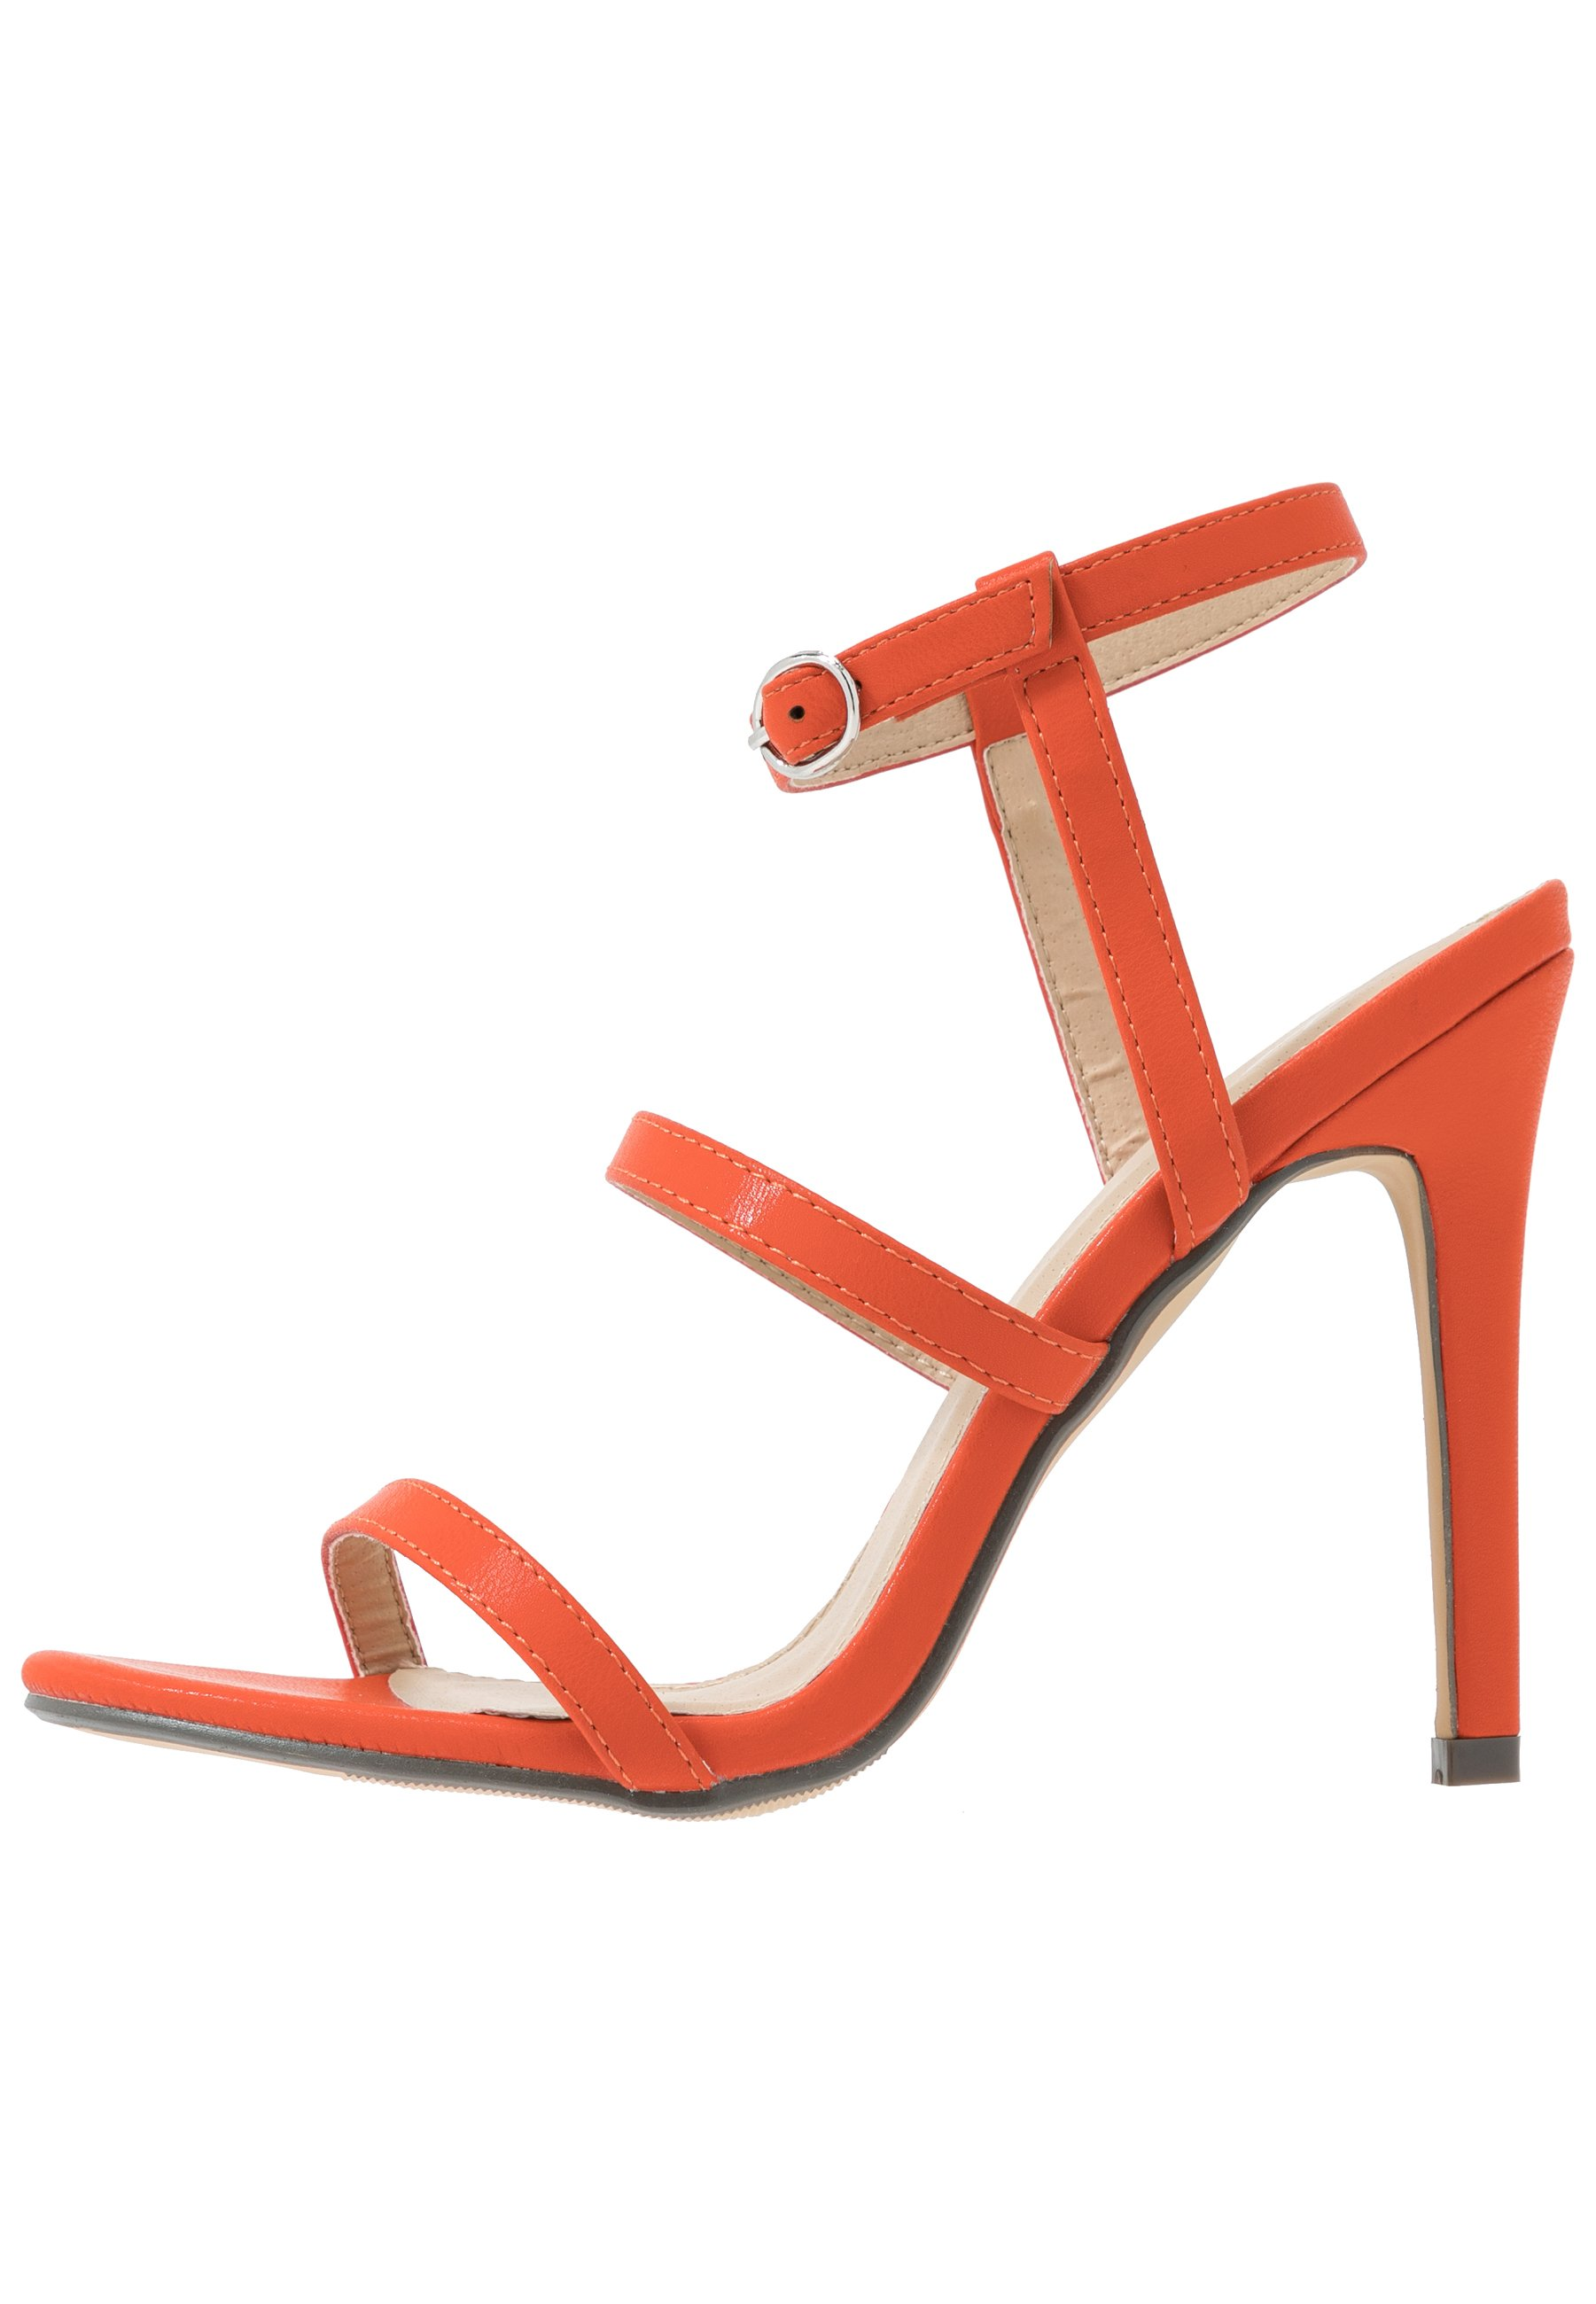 4th & Reckless JULES - Sandales à talons hauts - orange